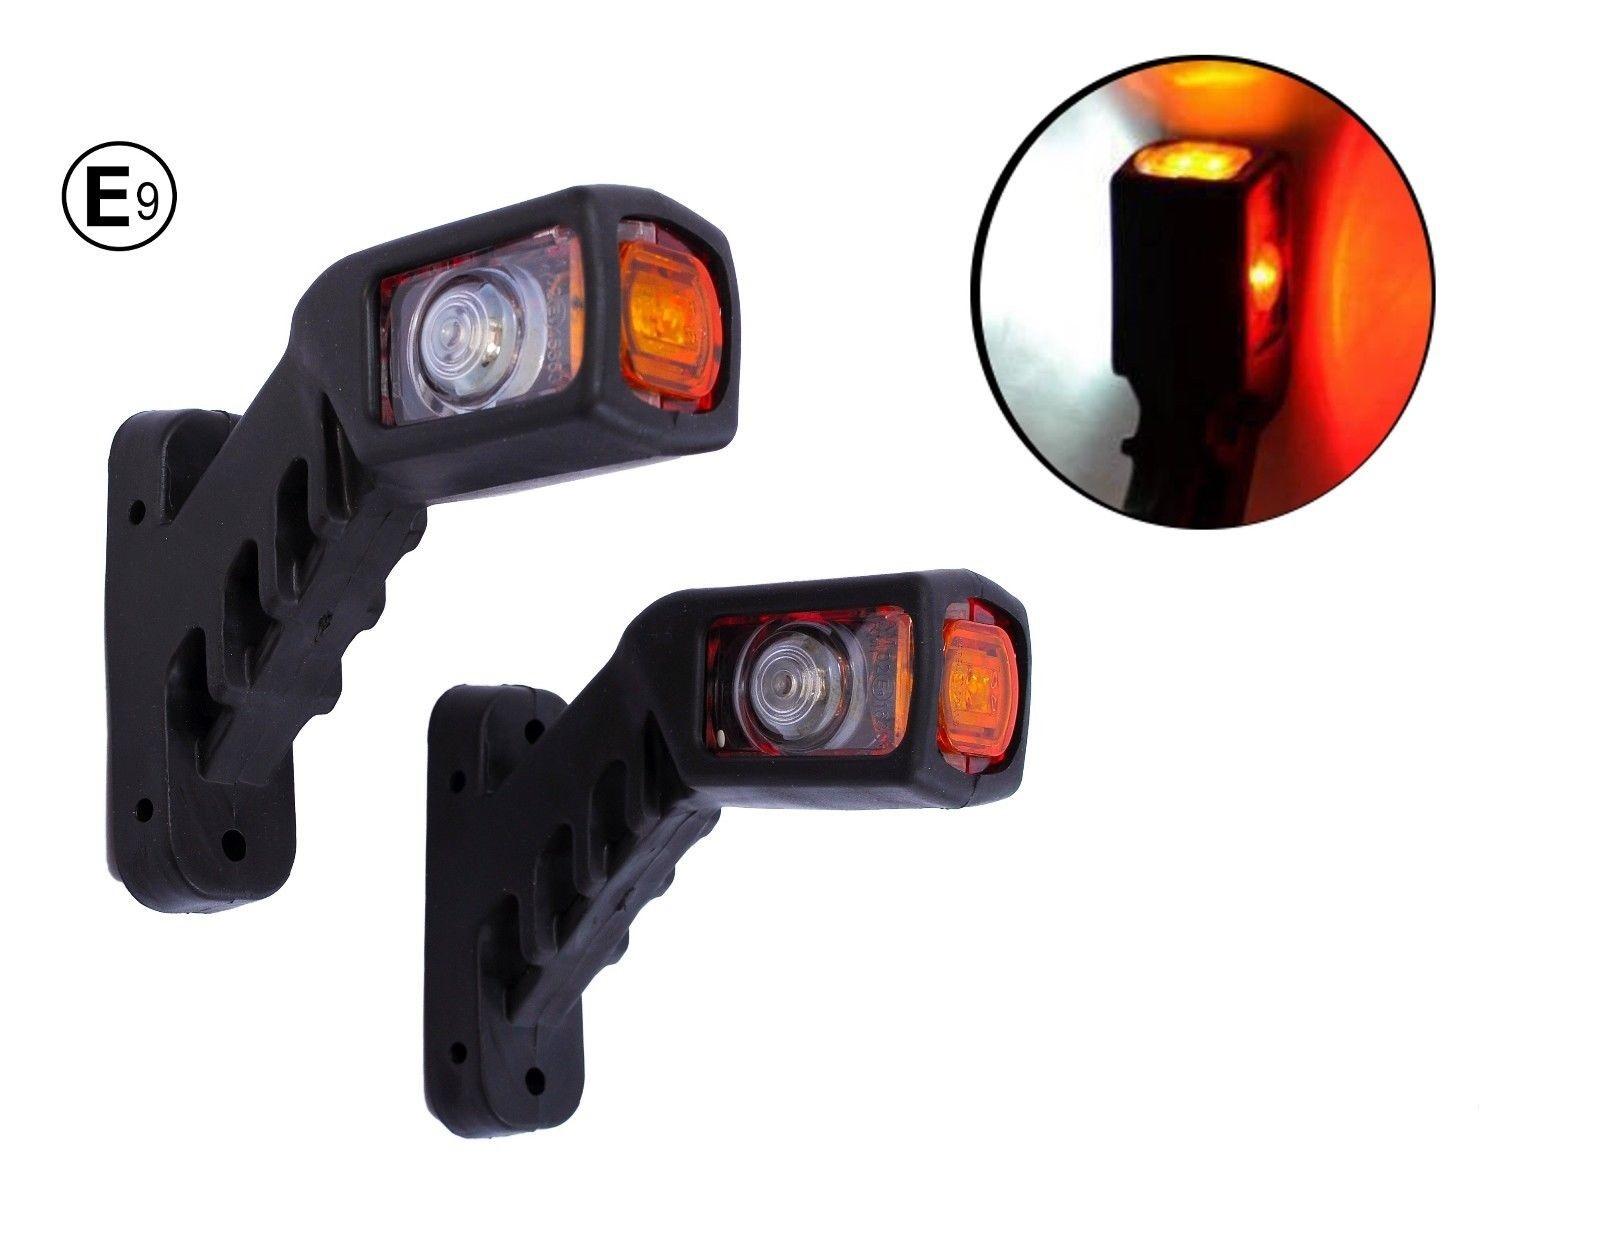 Τριπλά πλευρικά φώτα θέσης κόκκινα λευκά κίτρινα LED 12V (τ. κέρατα), ζεύγος (2 τεμάχια)